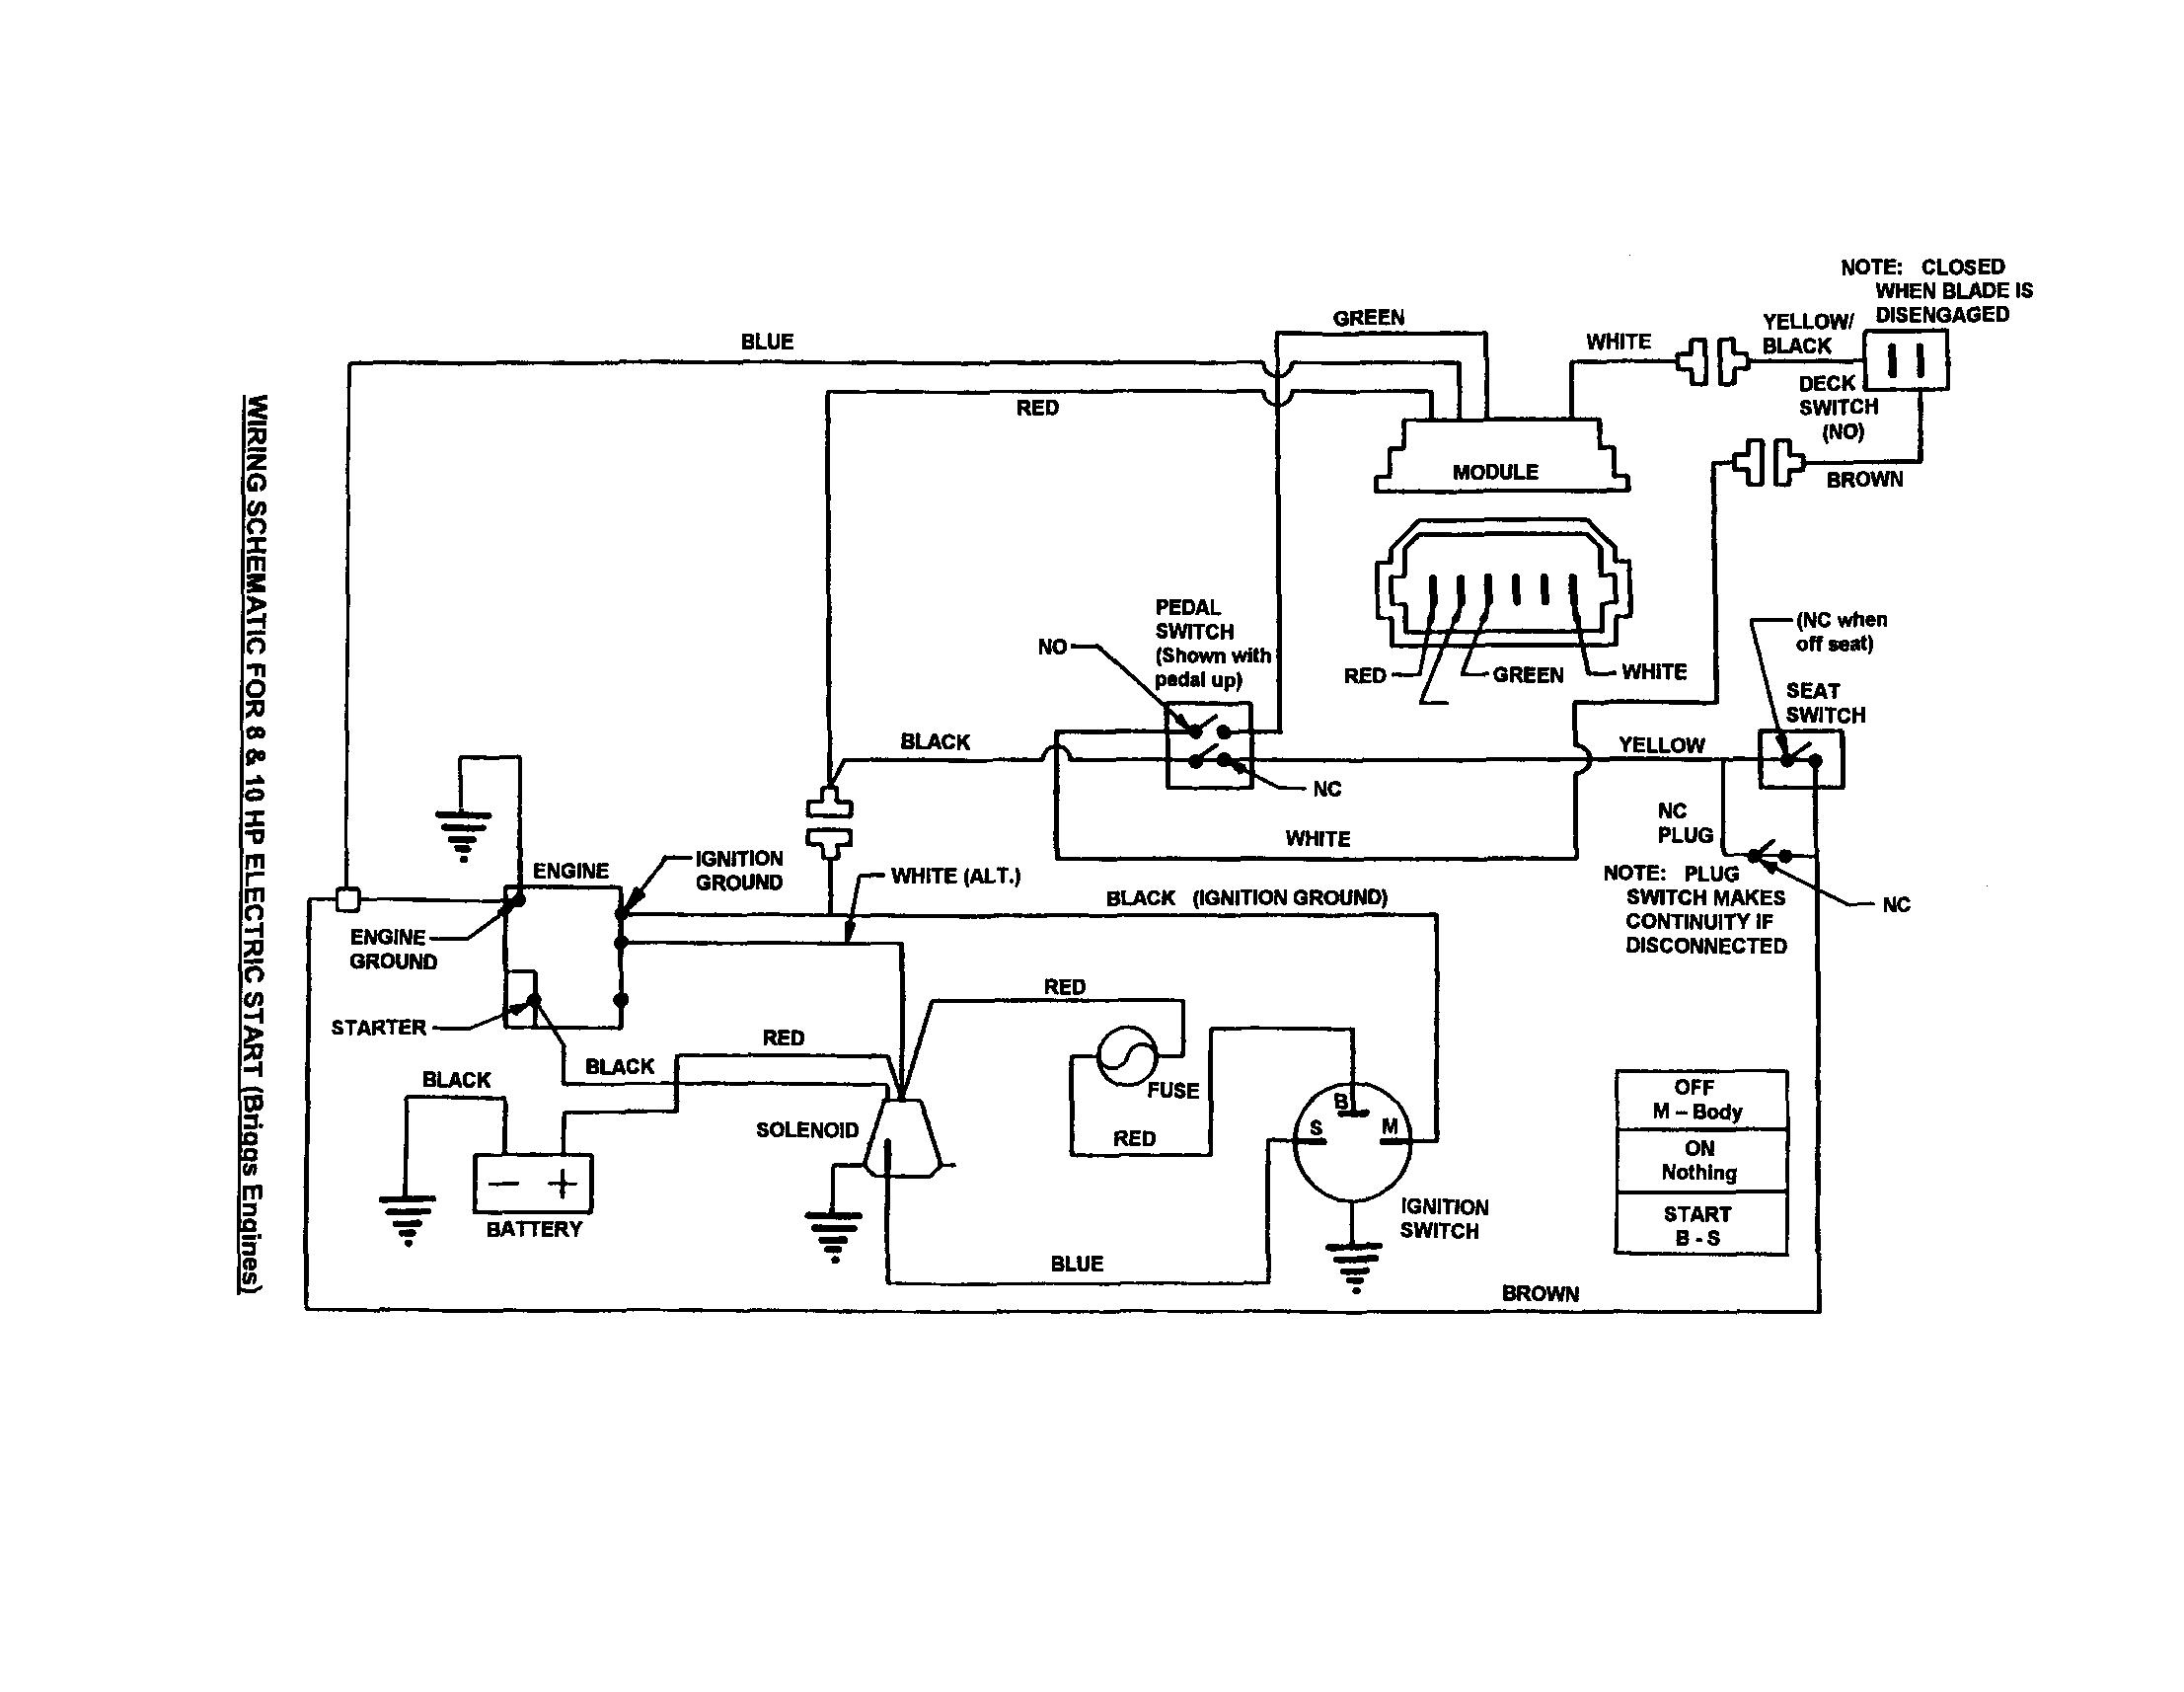 Snapper Wiring Harness - 2006 6 0 Diesel Engine Diagram for Wiring Diagram  SchematicsWiring Diagram Schematics